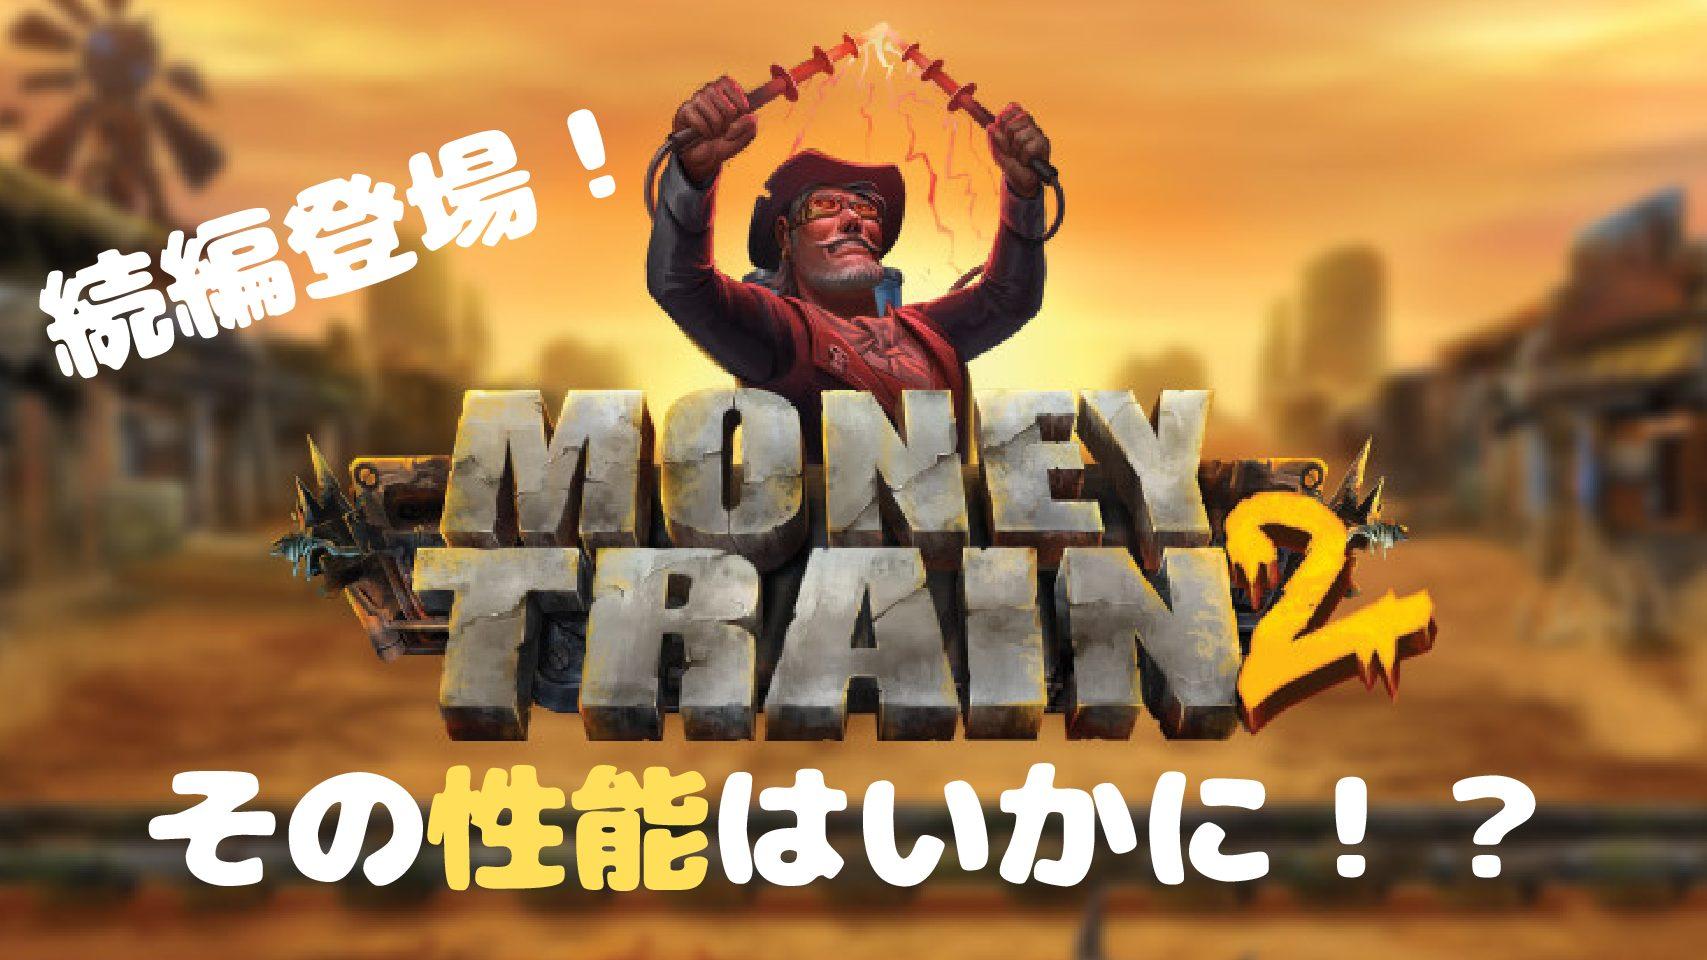 【マネートレイン2】 大人気スロット Money Train に続編が登場!その性能はいかに?